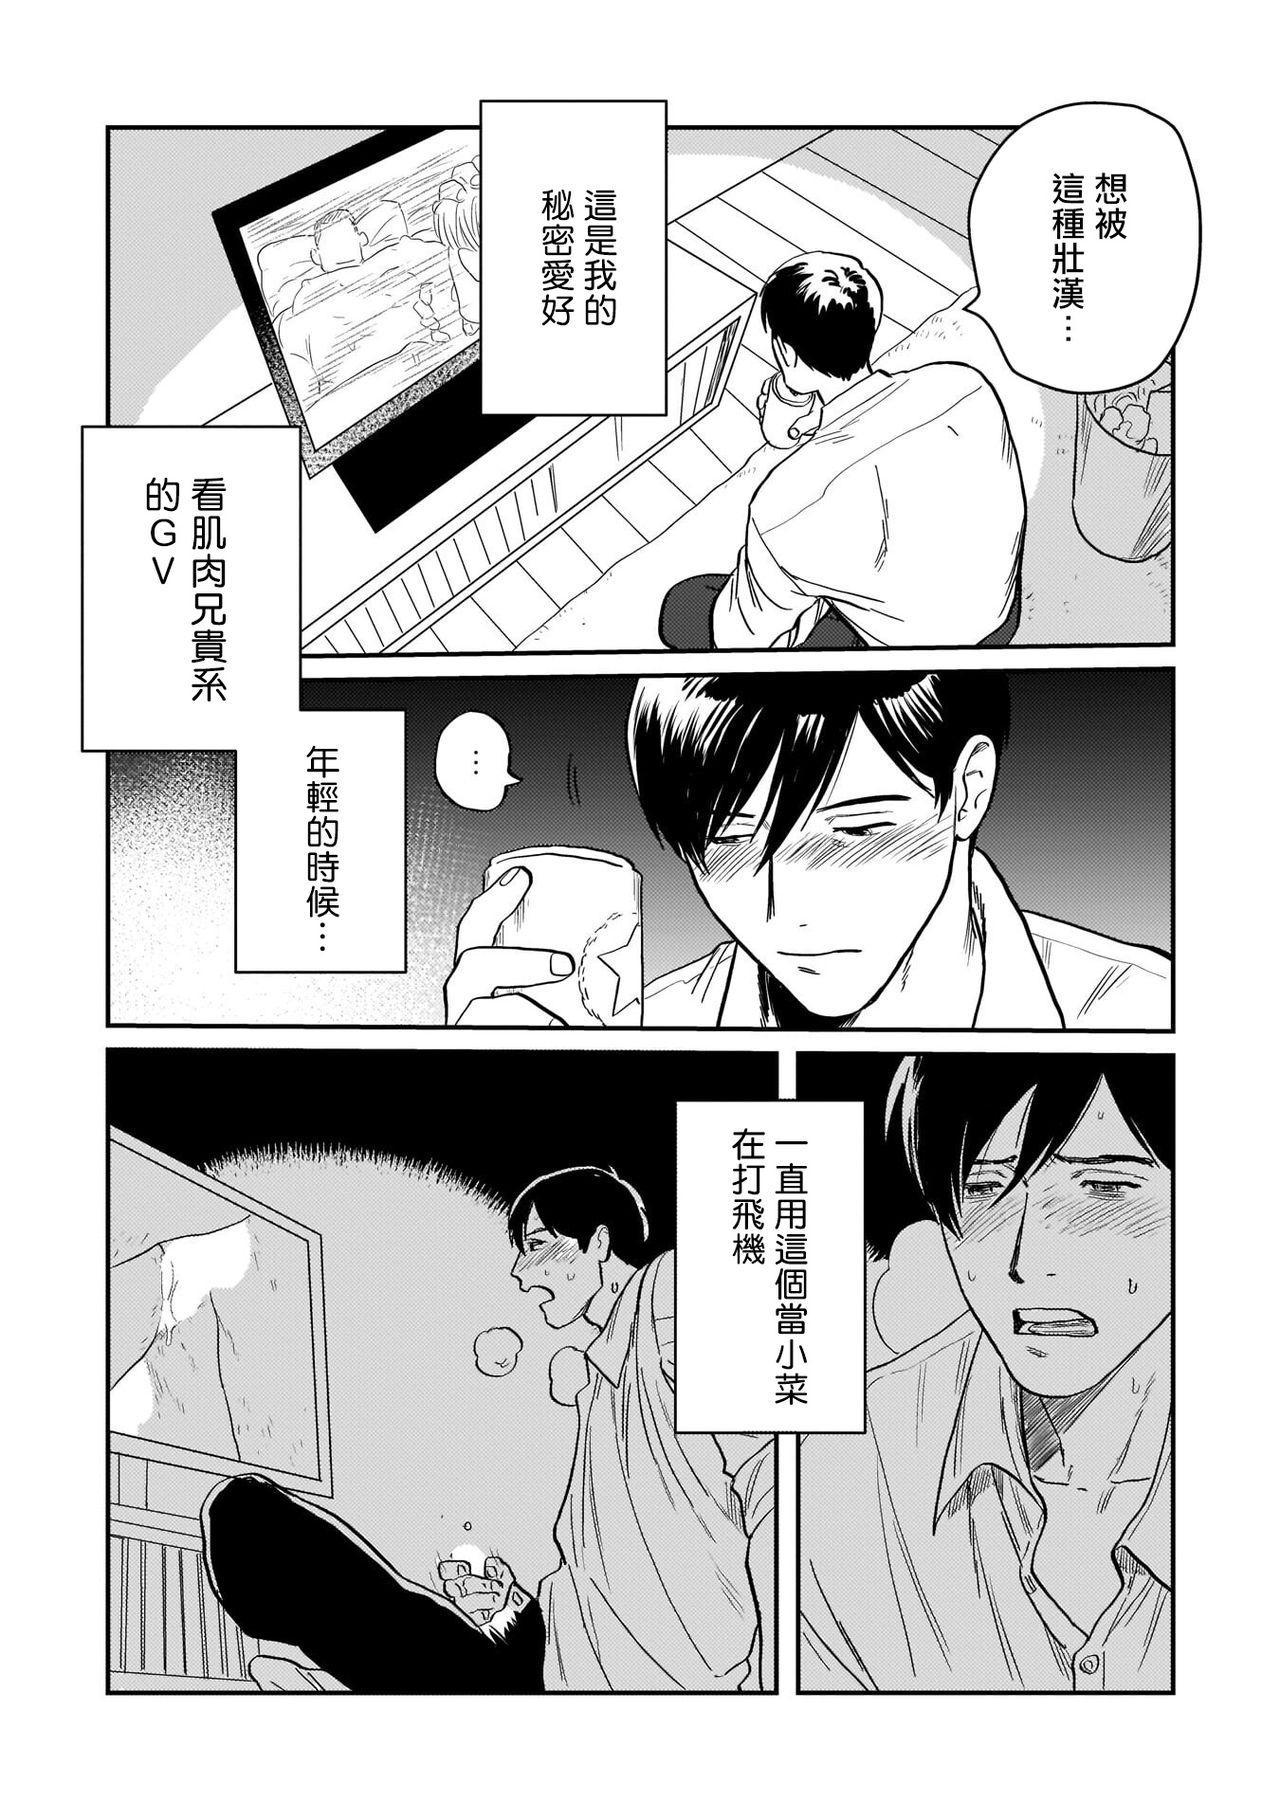 Kouhai no Oppai ga Suki Sugiru | 我太喜欢后辈的奶子了 Ch. 1-2 9